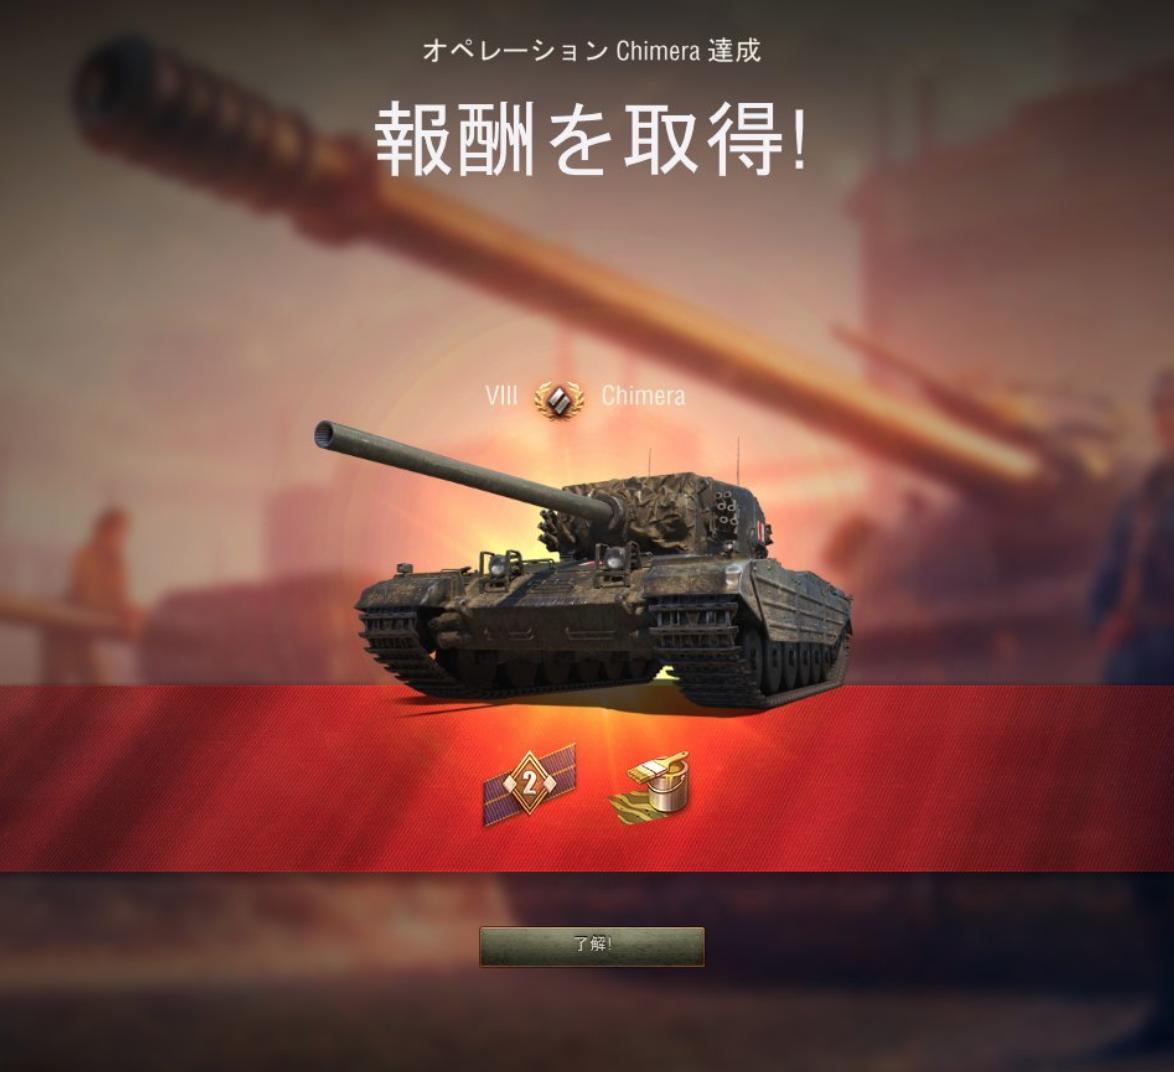 f:id:kinchan0023:20200107114858p:plain